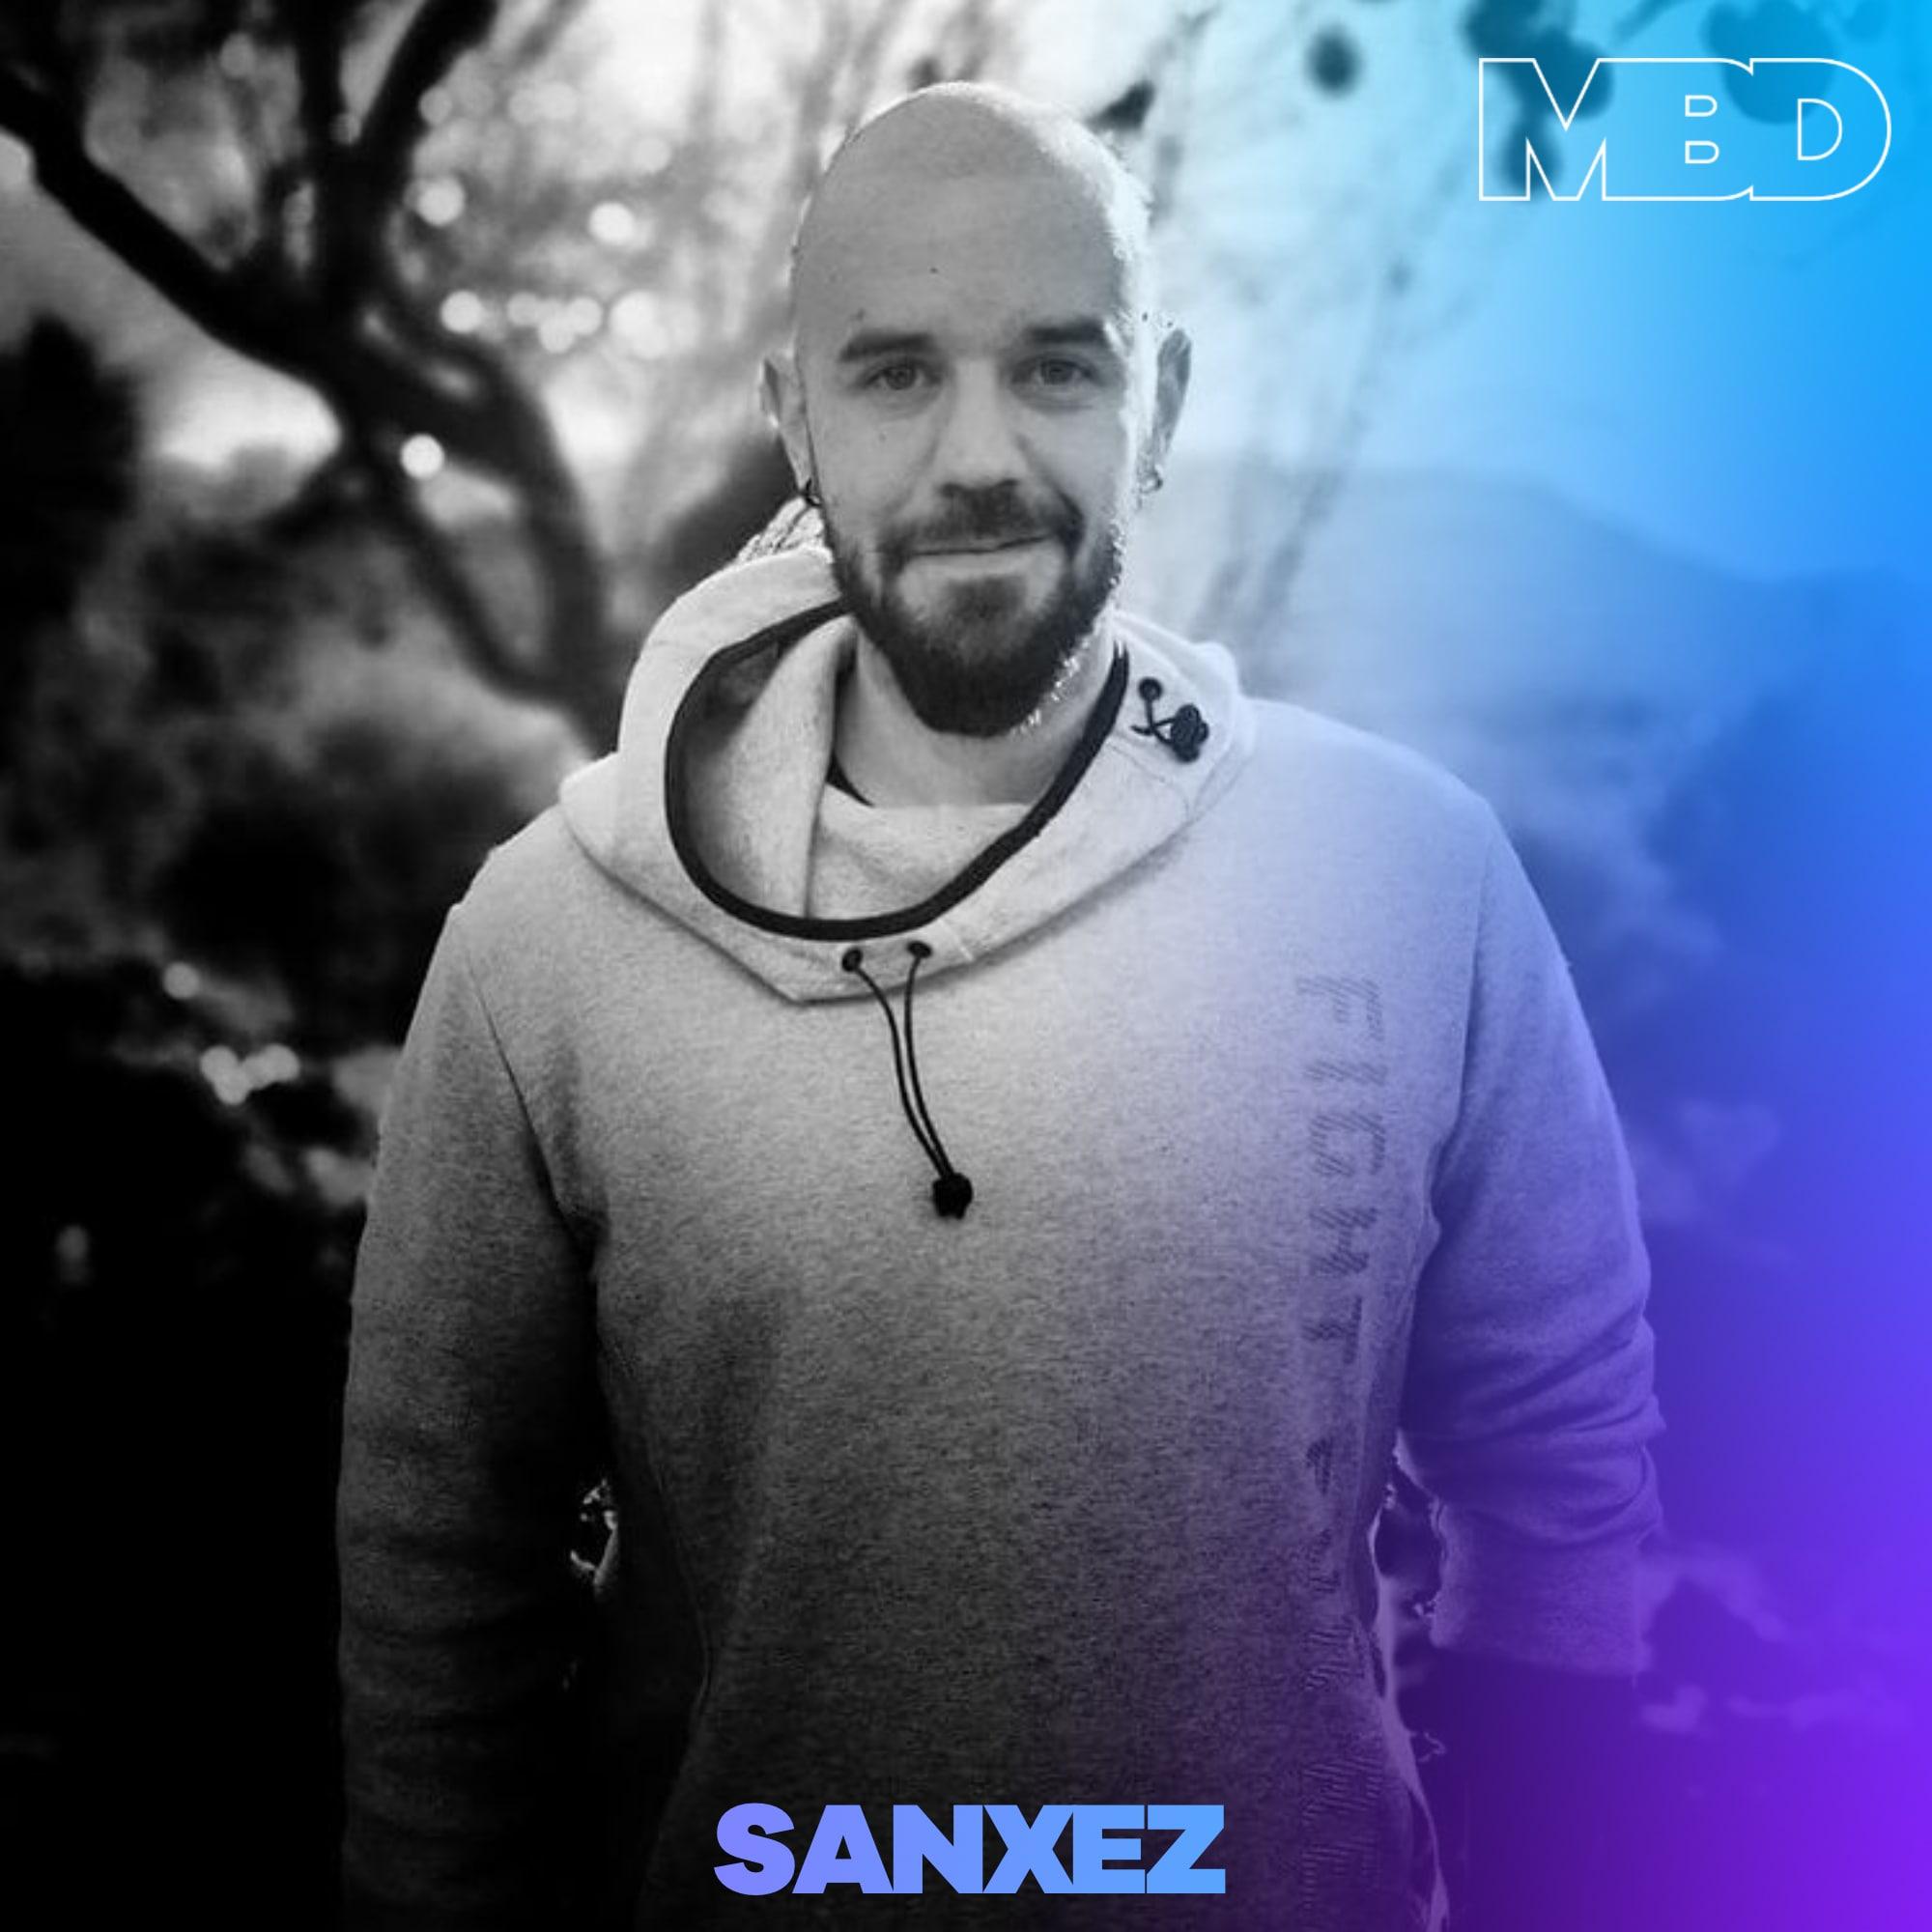 Sanxez